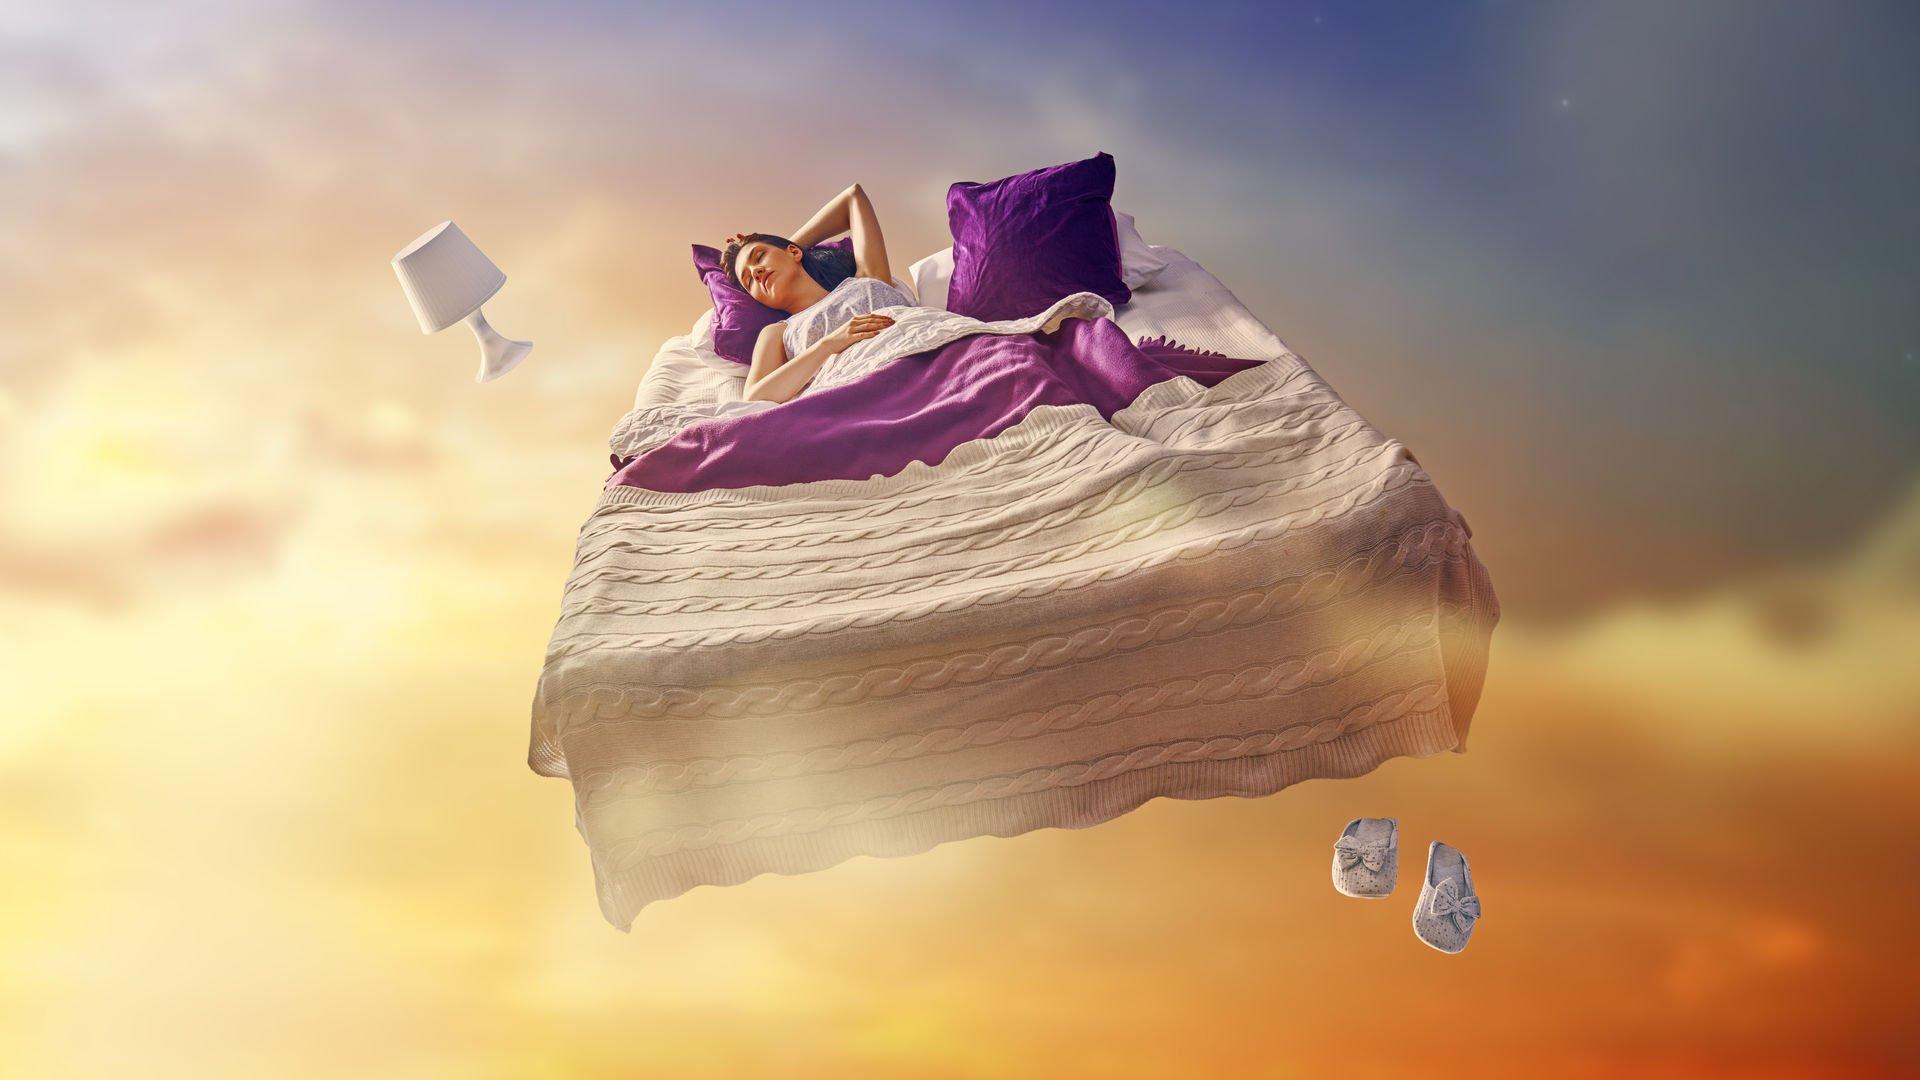 Uykuya dalarken düşme hissi neden oluşur